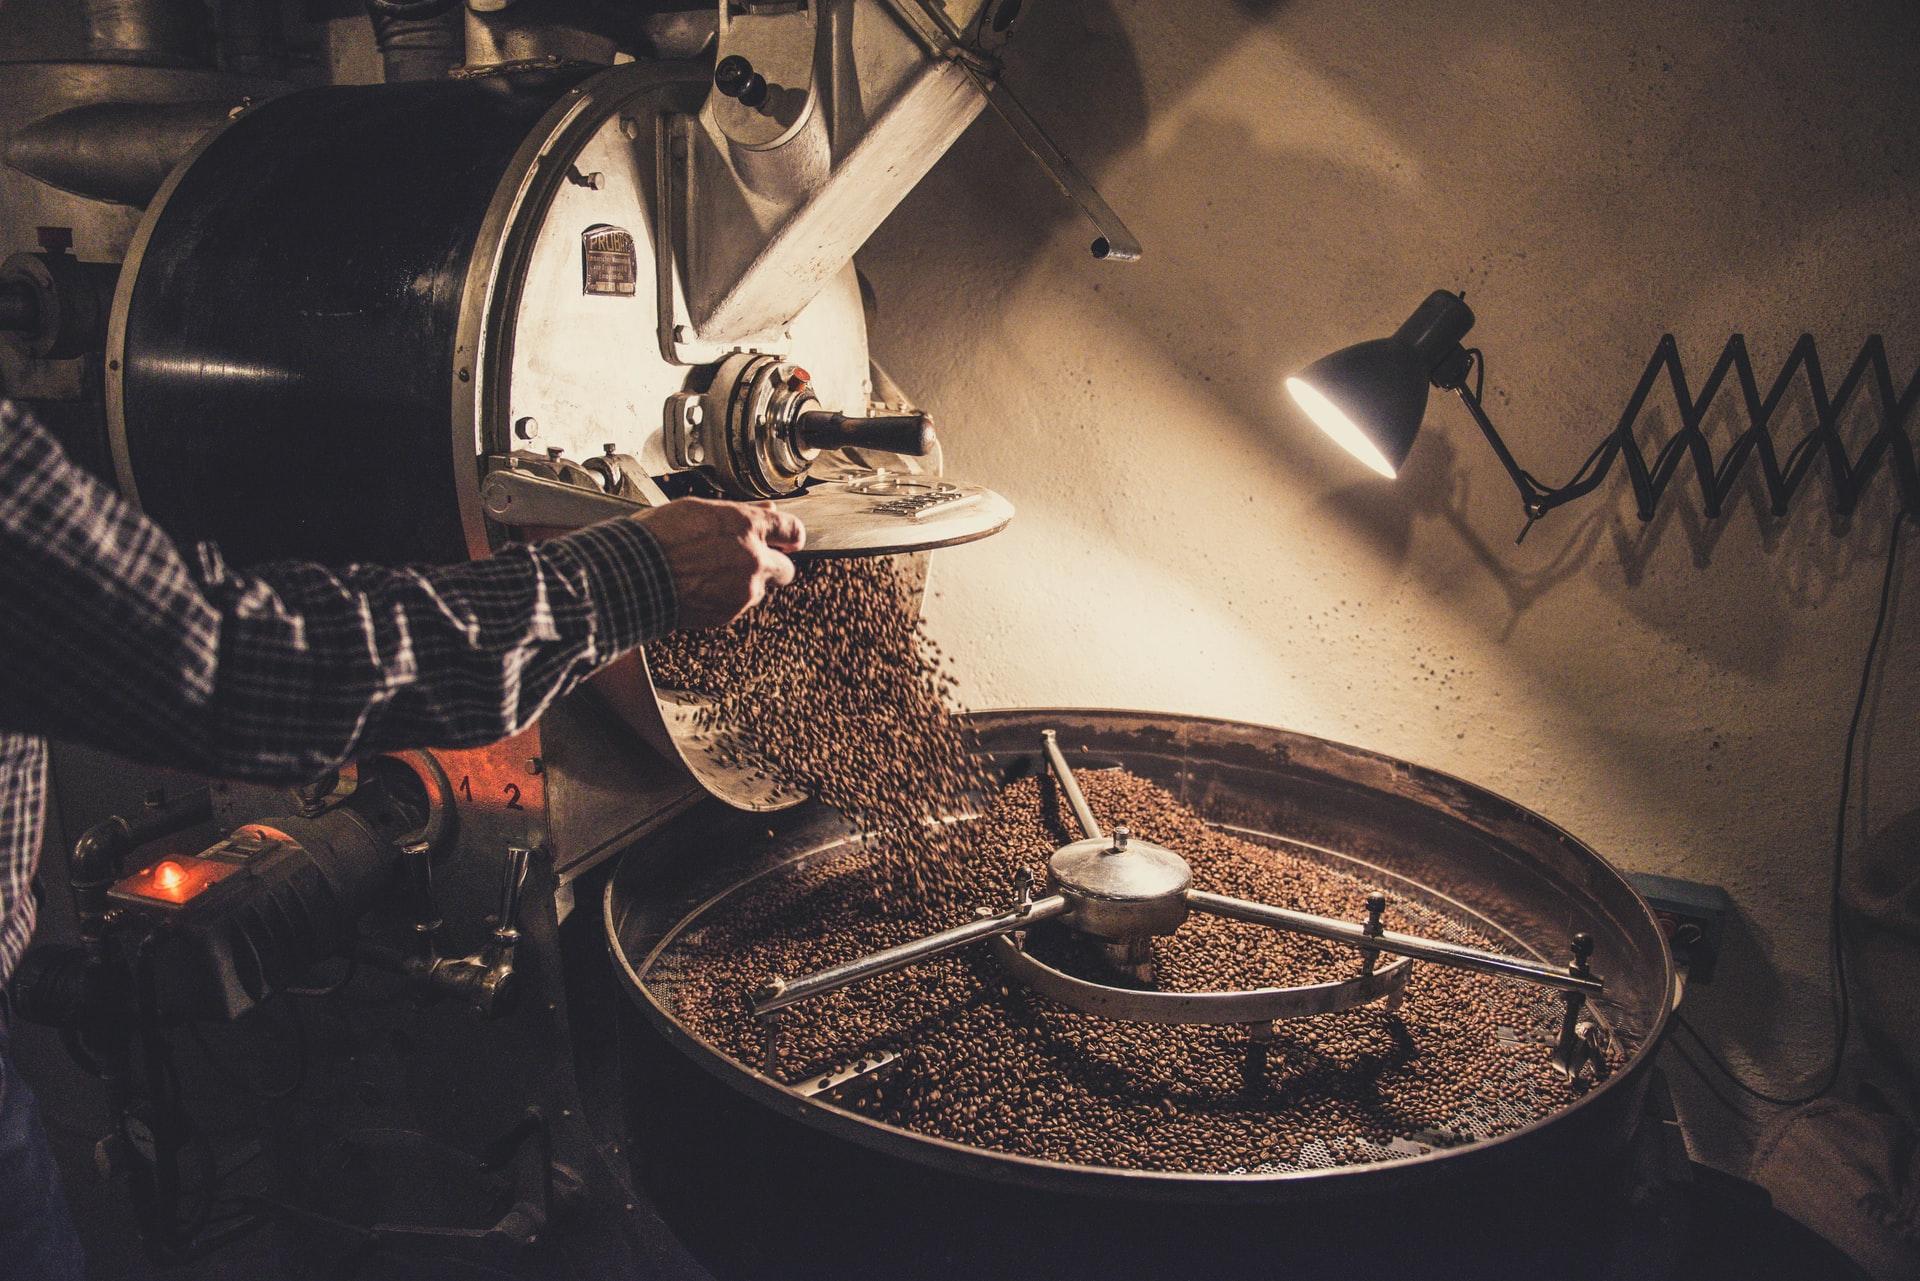 Kaffeeröstung in einer Kaffee Manufaktur